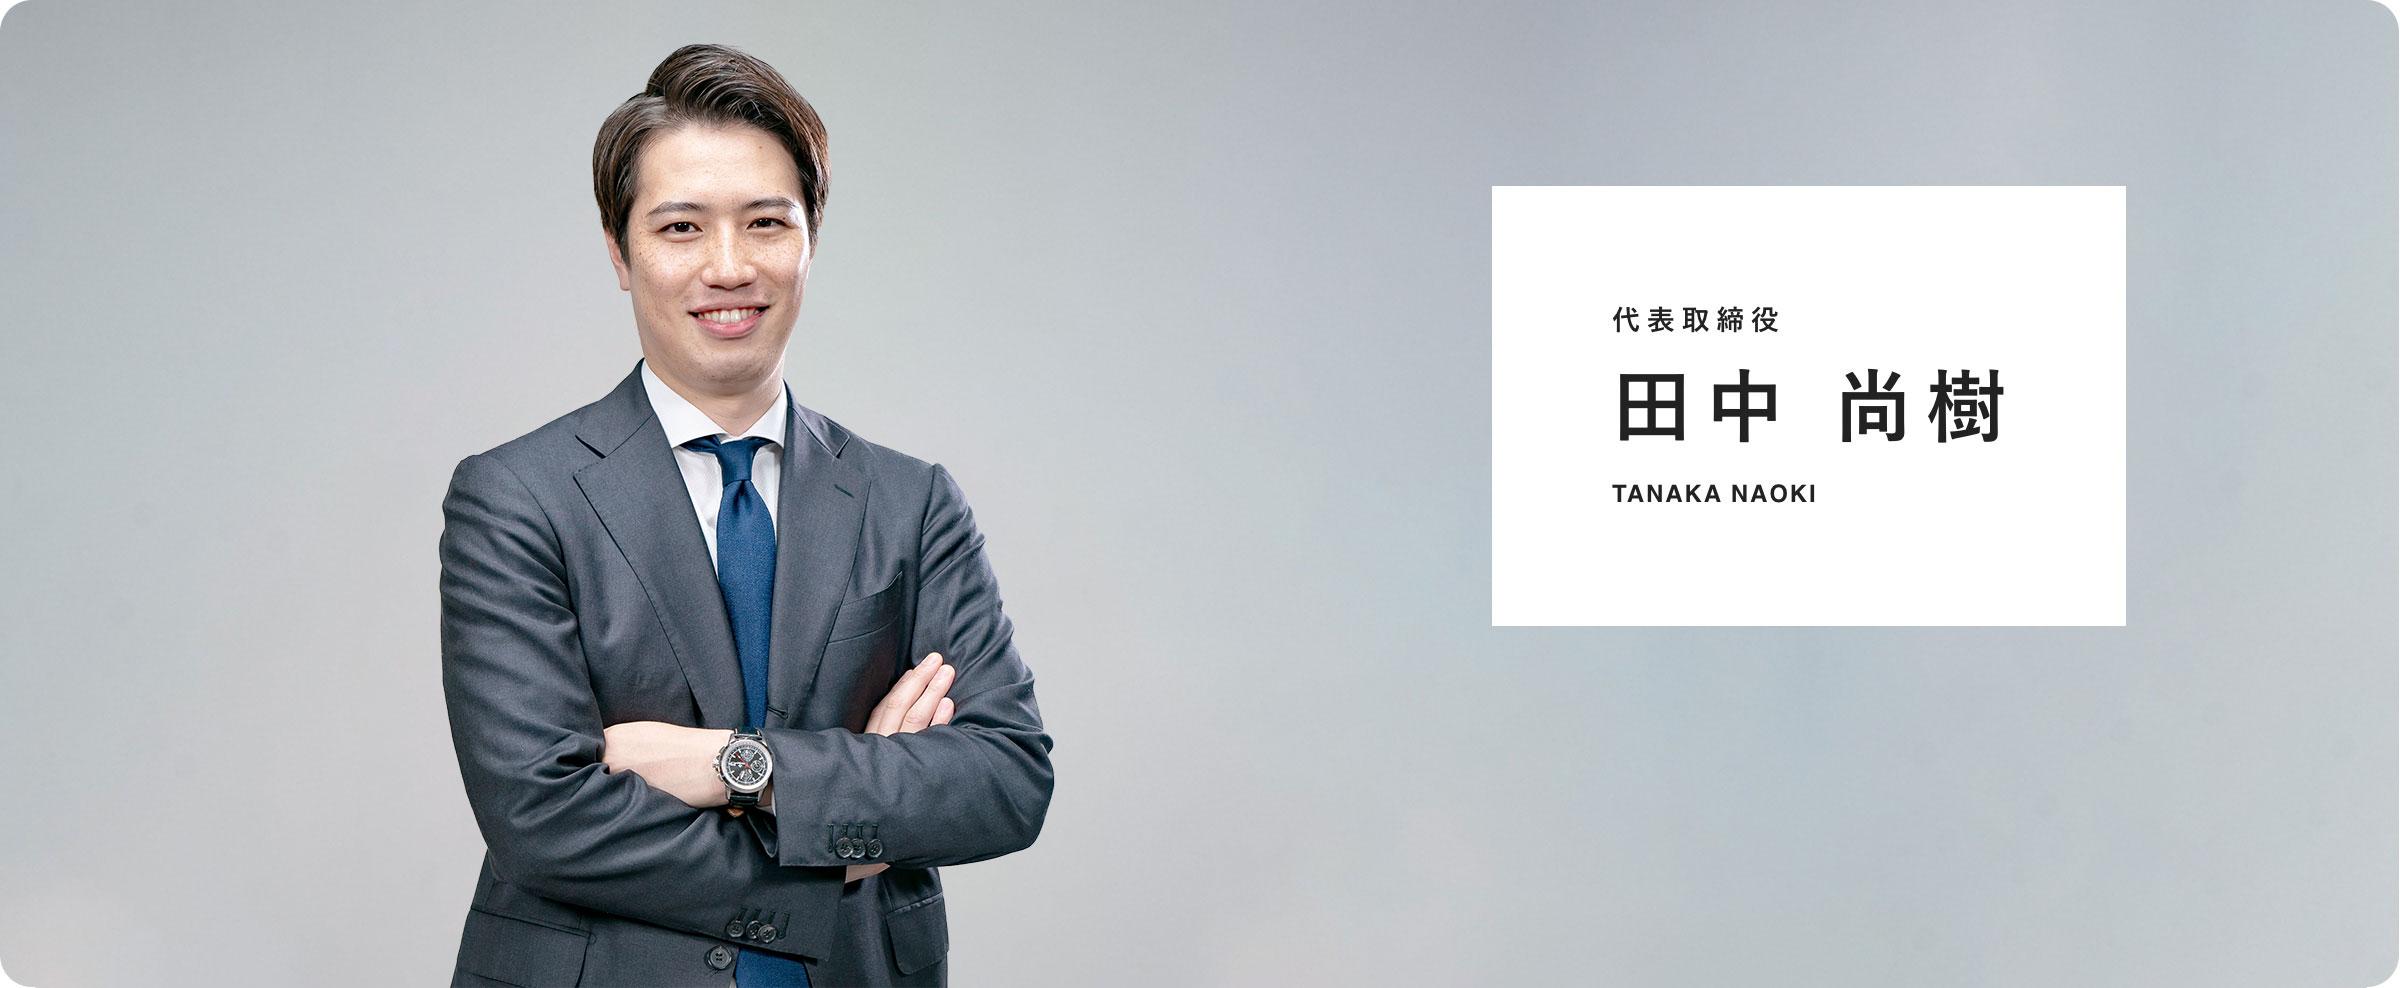 代表取締役 田中 尚樹